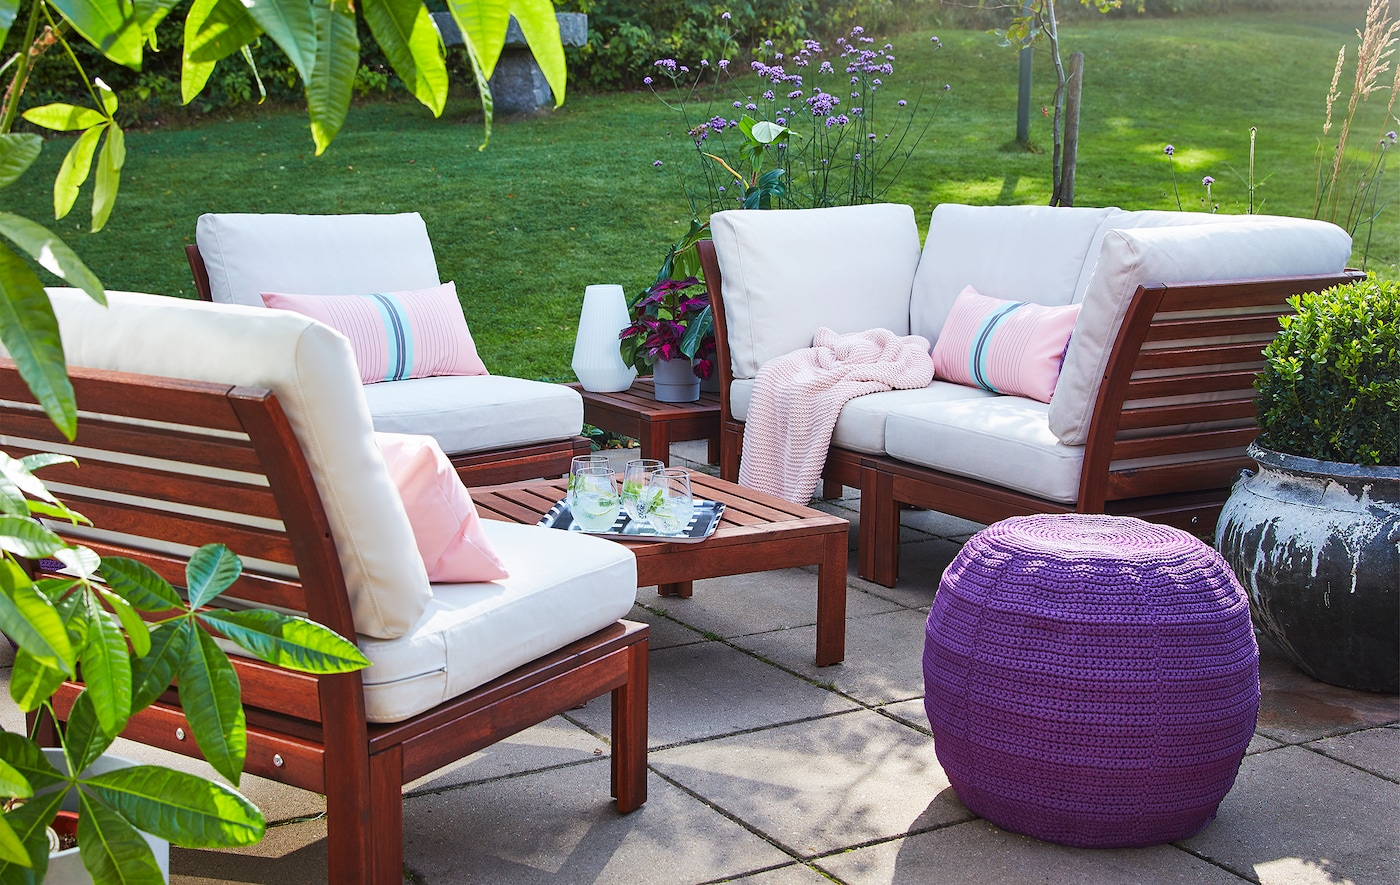 Дерев'яні садові меблі з білими та рожевими подушками на сірій кам'яній терасі.